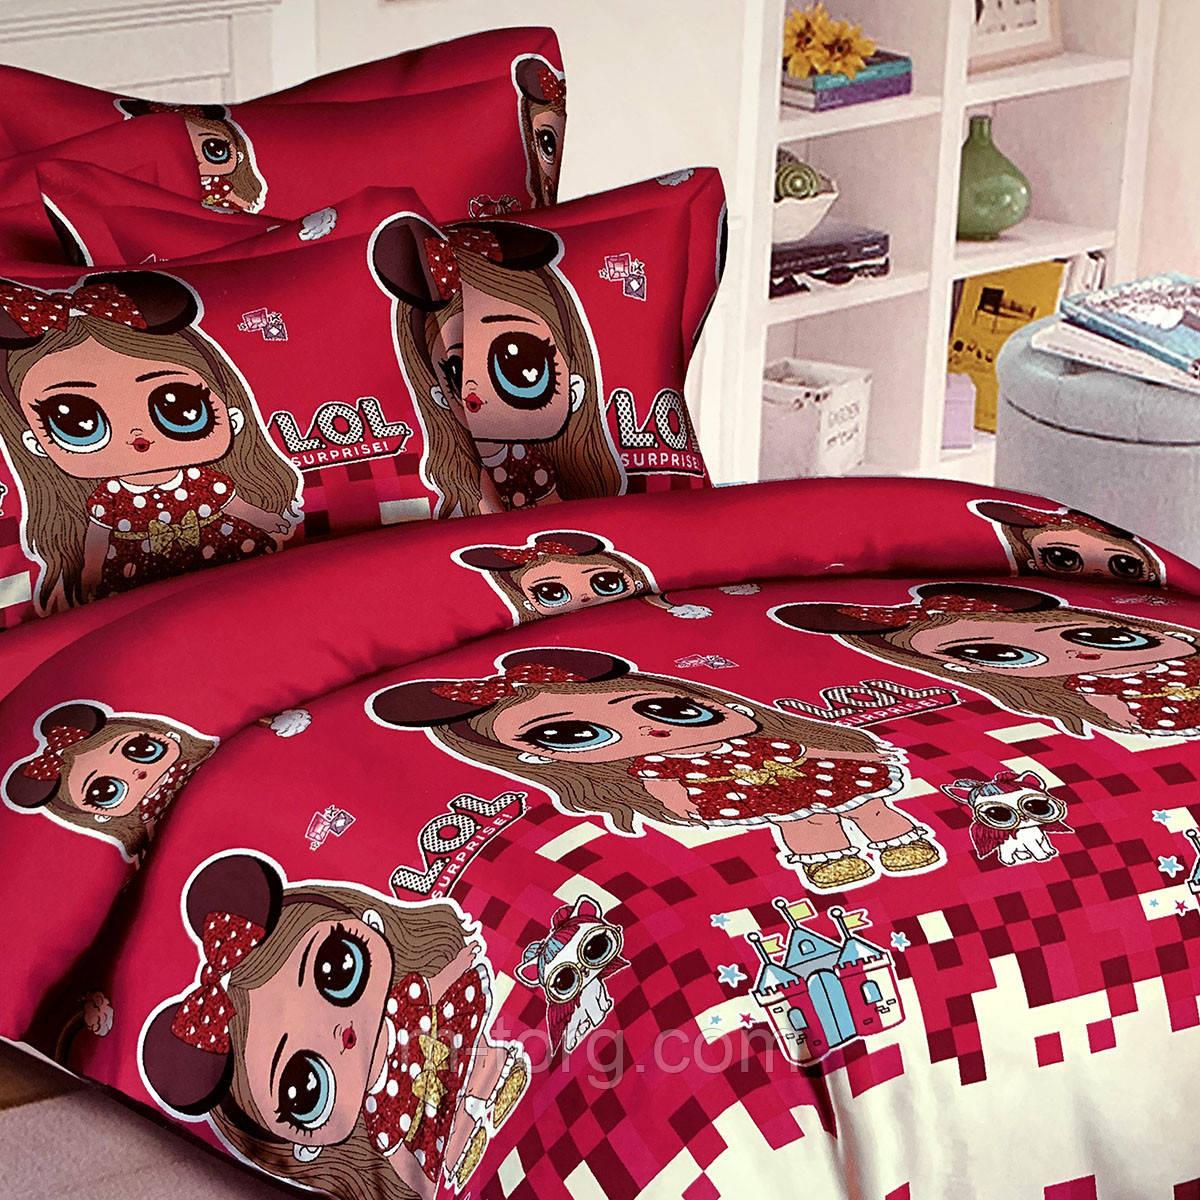 """""""кукла лол"""" комплект постельного белья полуторный 150/220 с детским рисунком, ткань сатин 100% хлопок"""